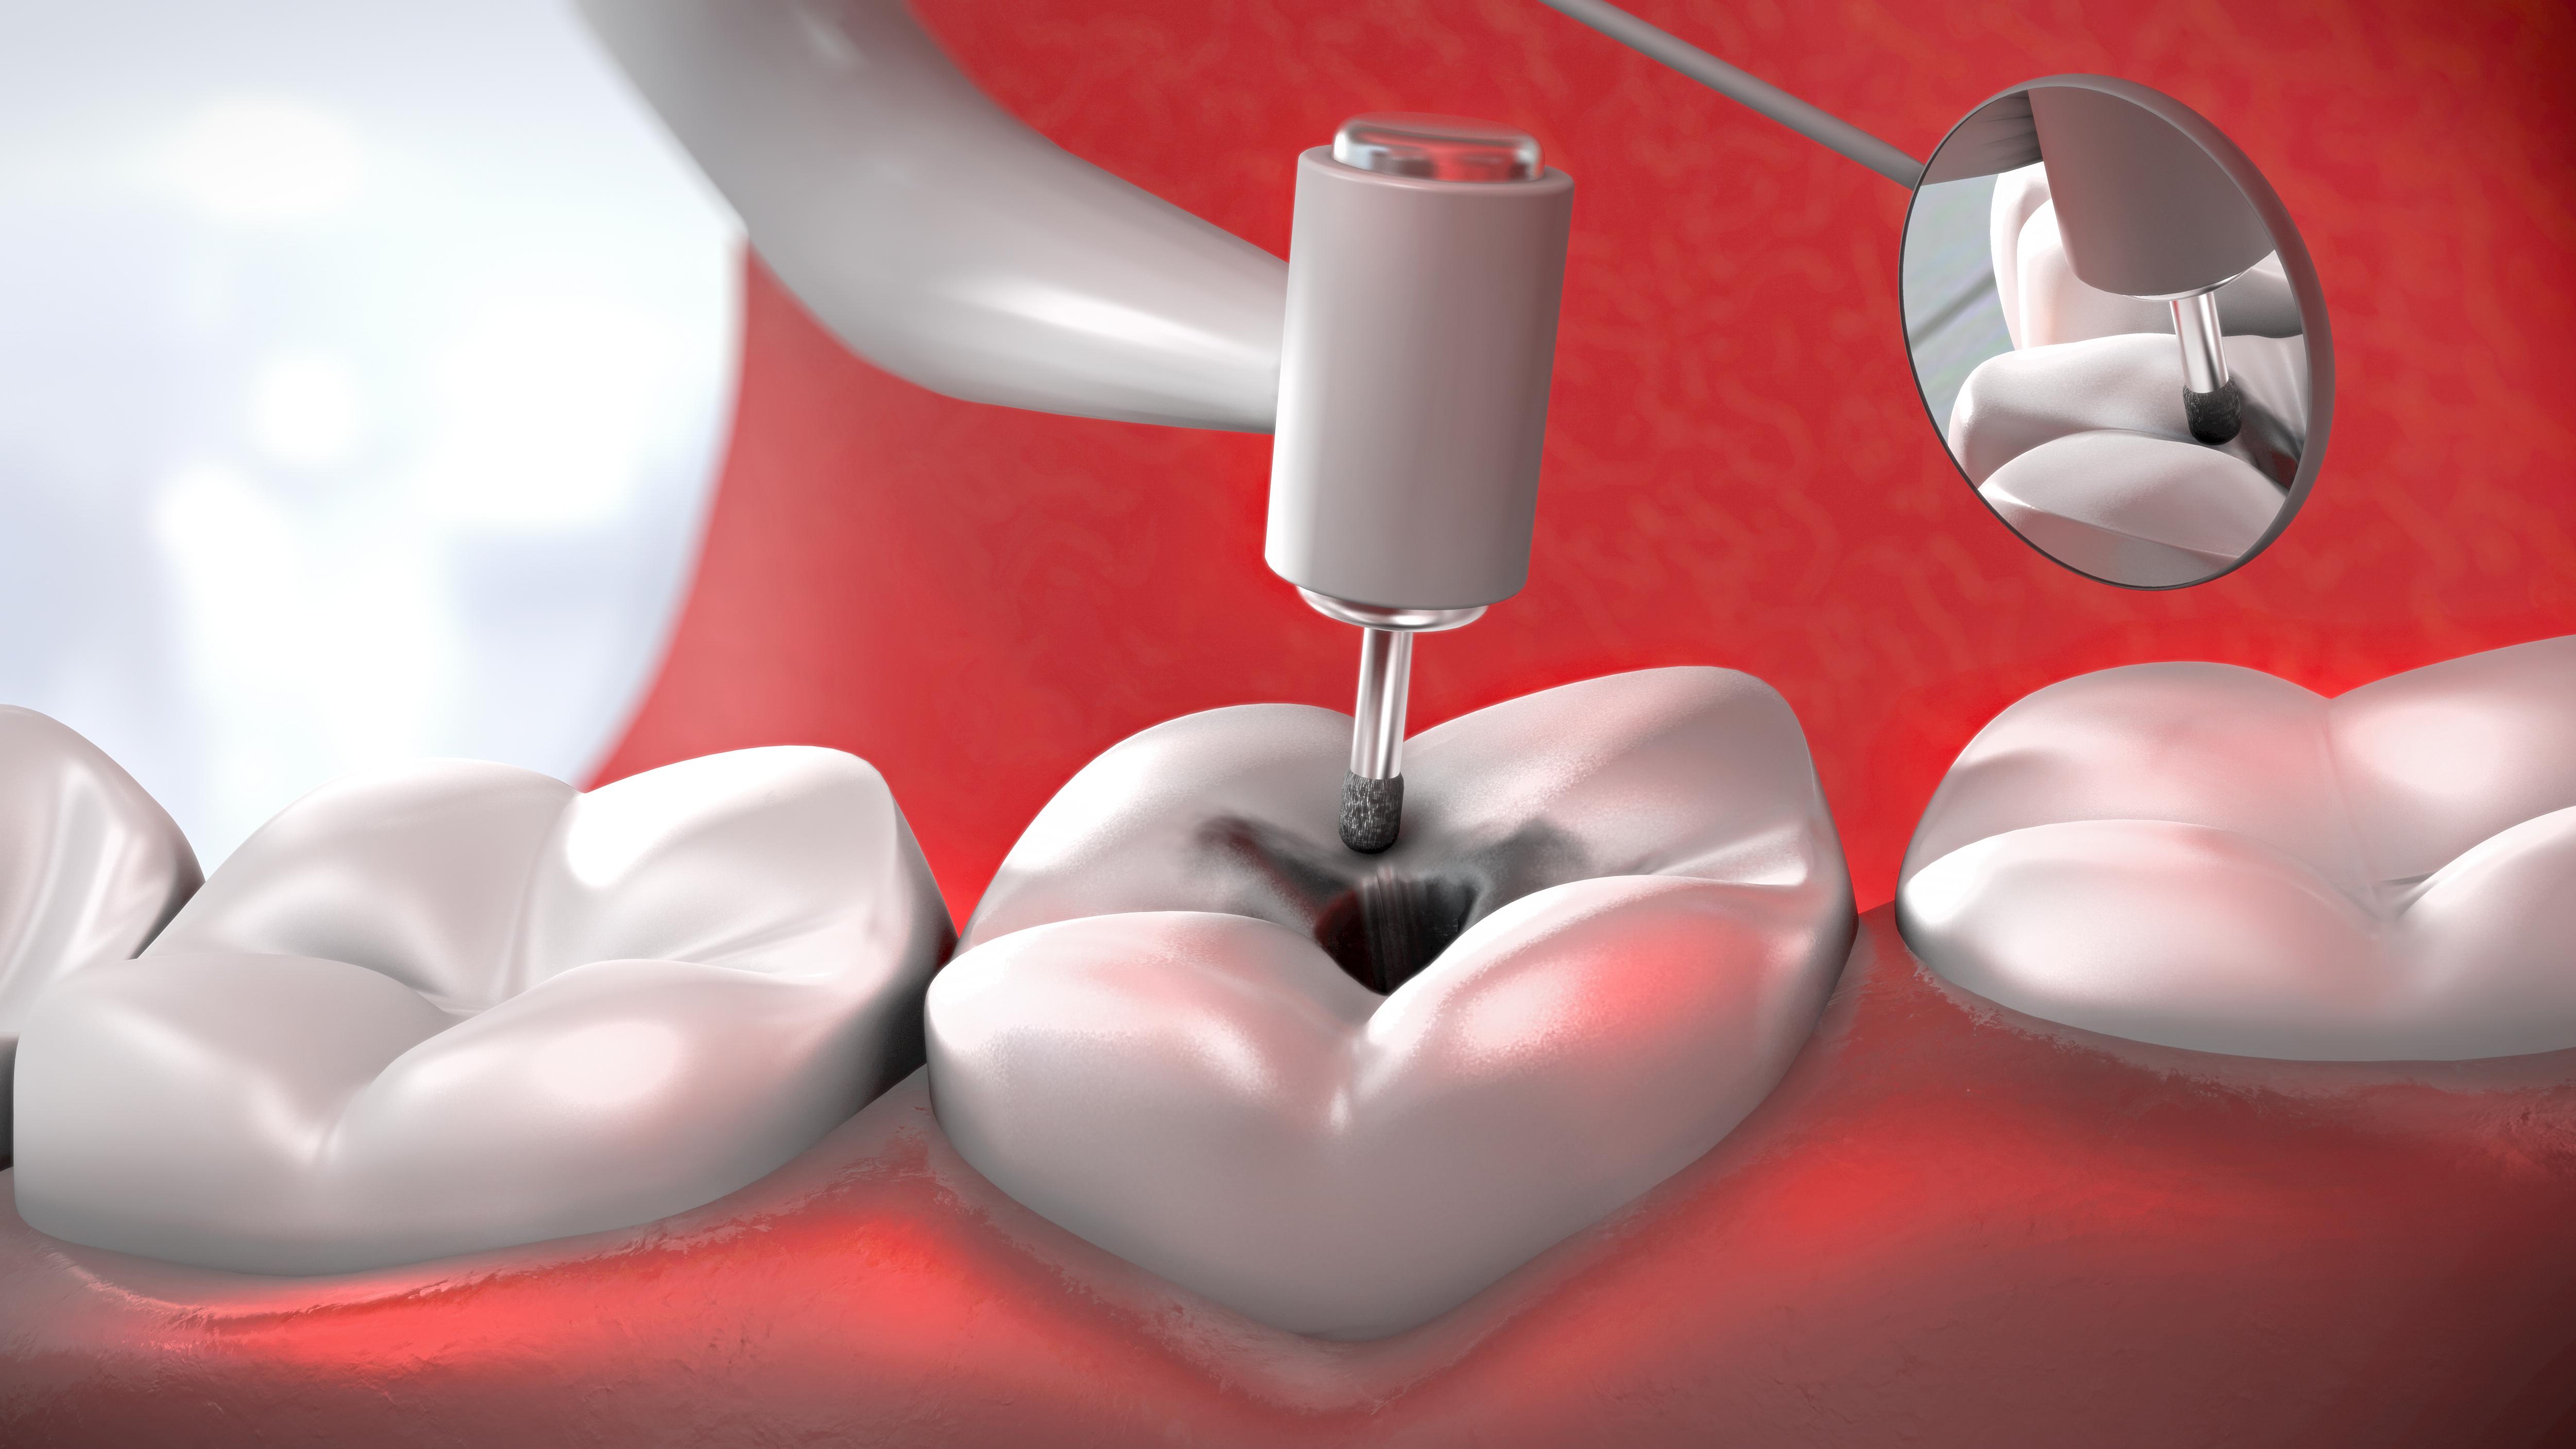 Med lokalbedøvelse vil man ikke oppleve noe ubehag i forbindelse med tannfylling.